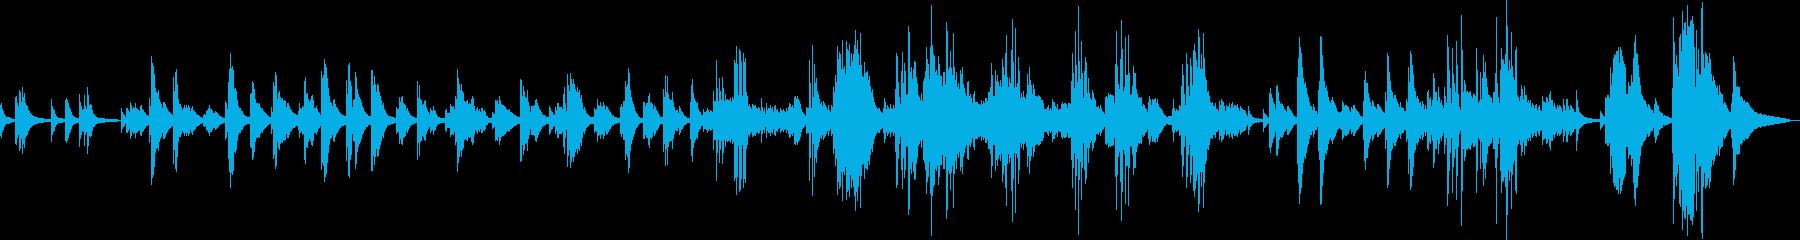 悲しみの果て(ピアノ・切ない・しっとり)の再生済みの波形